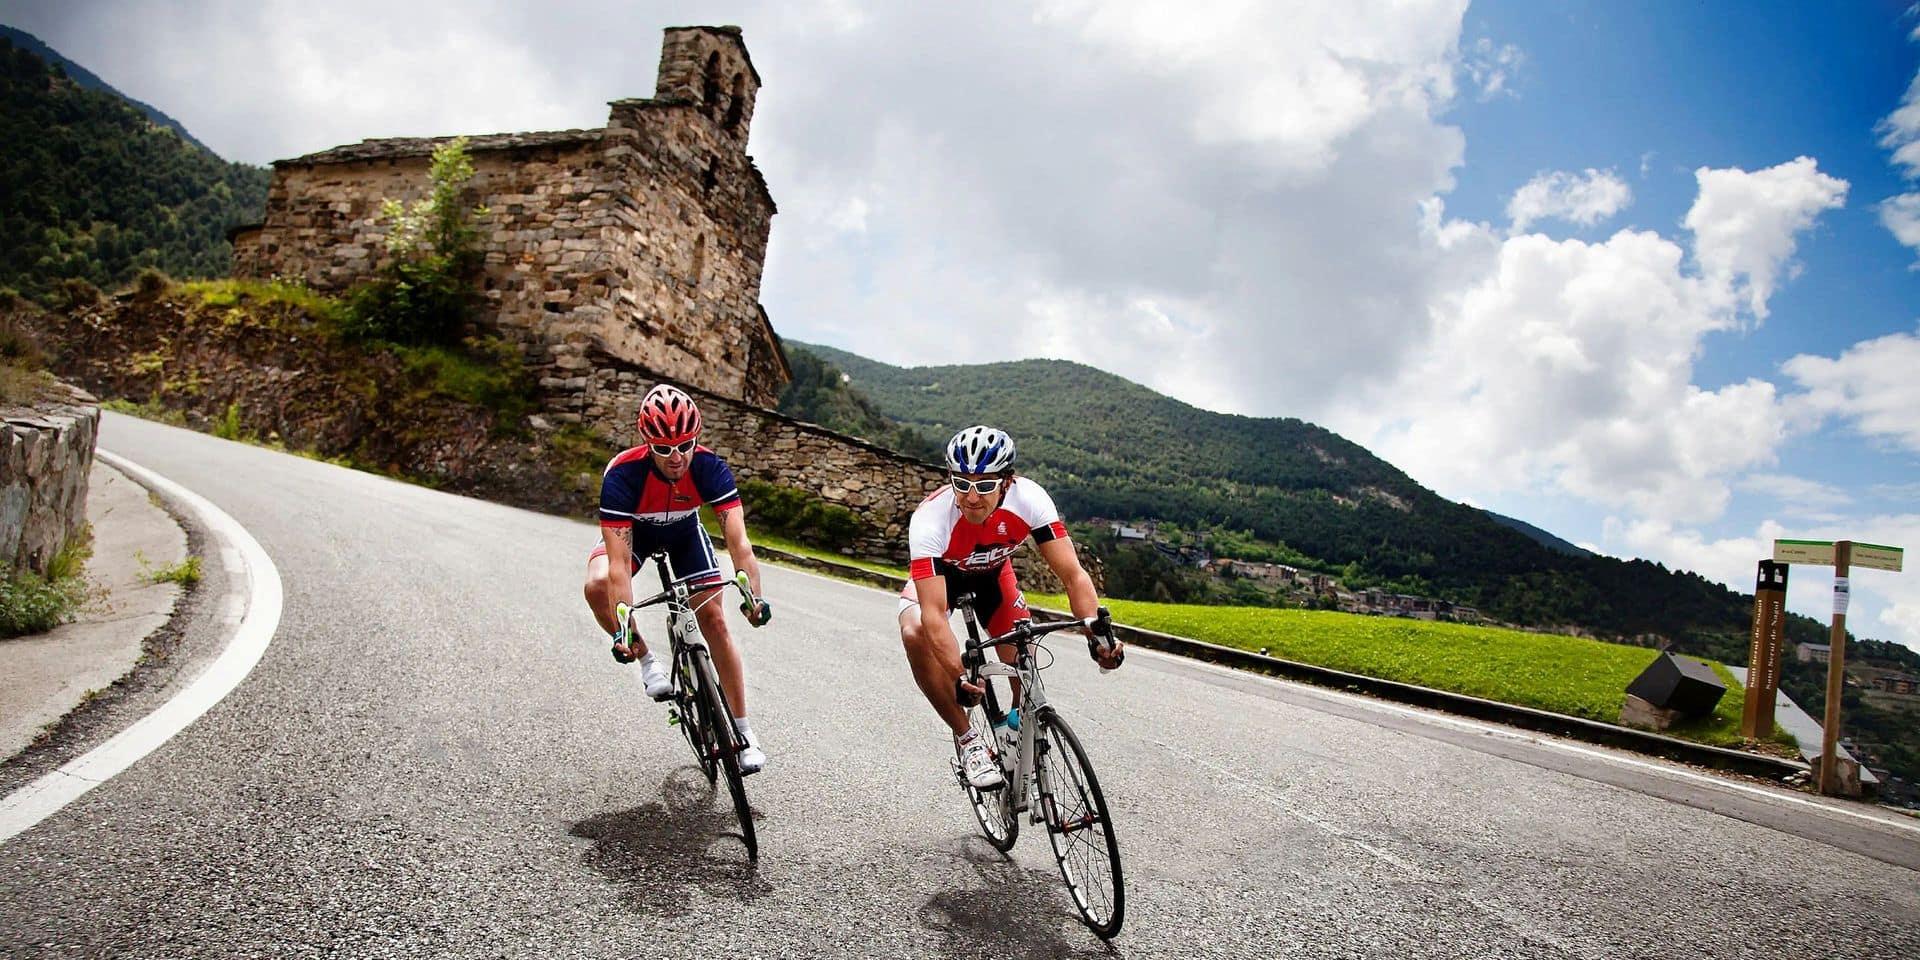 Vacances actives ou relaxantes... Quatre bonnes raisons de se rendre à Andorre